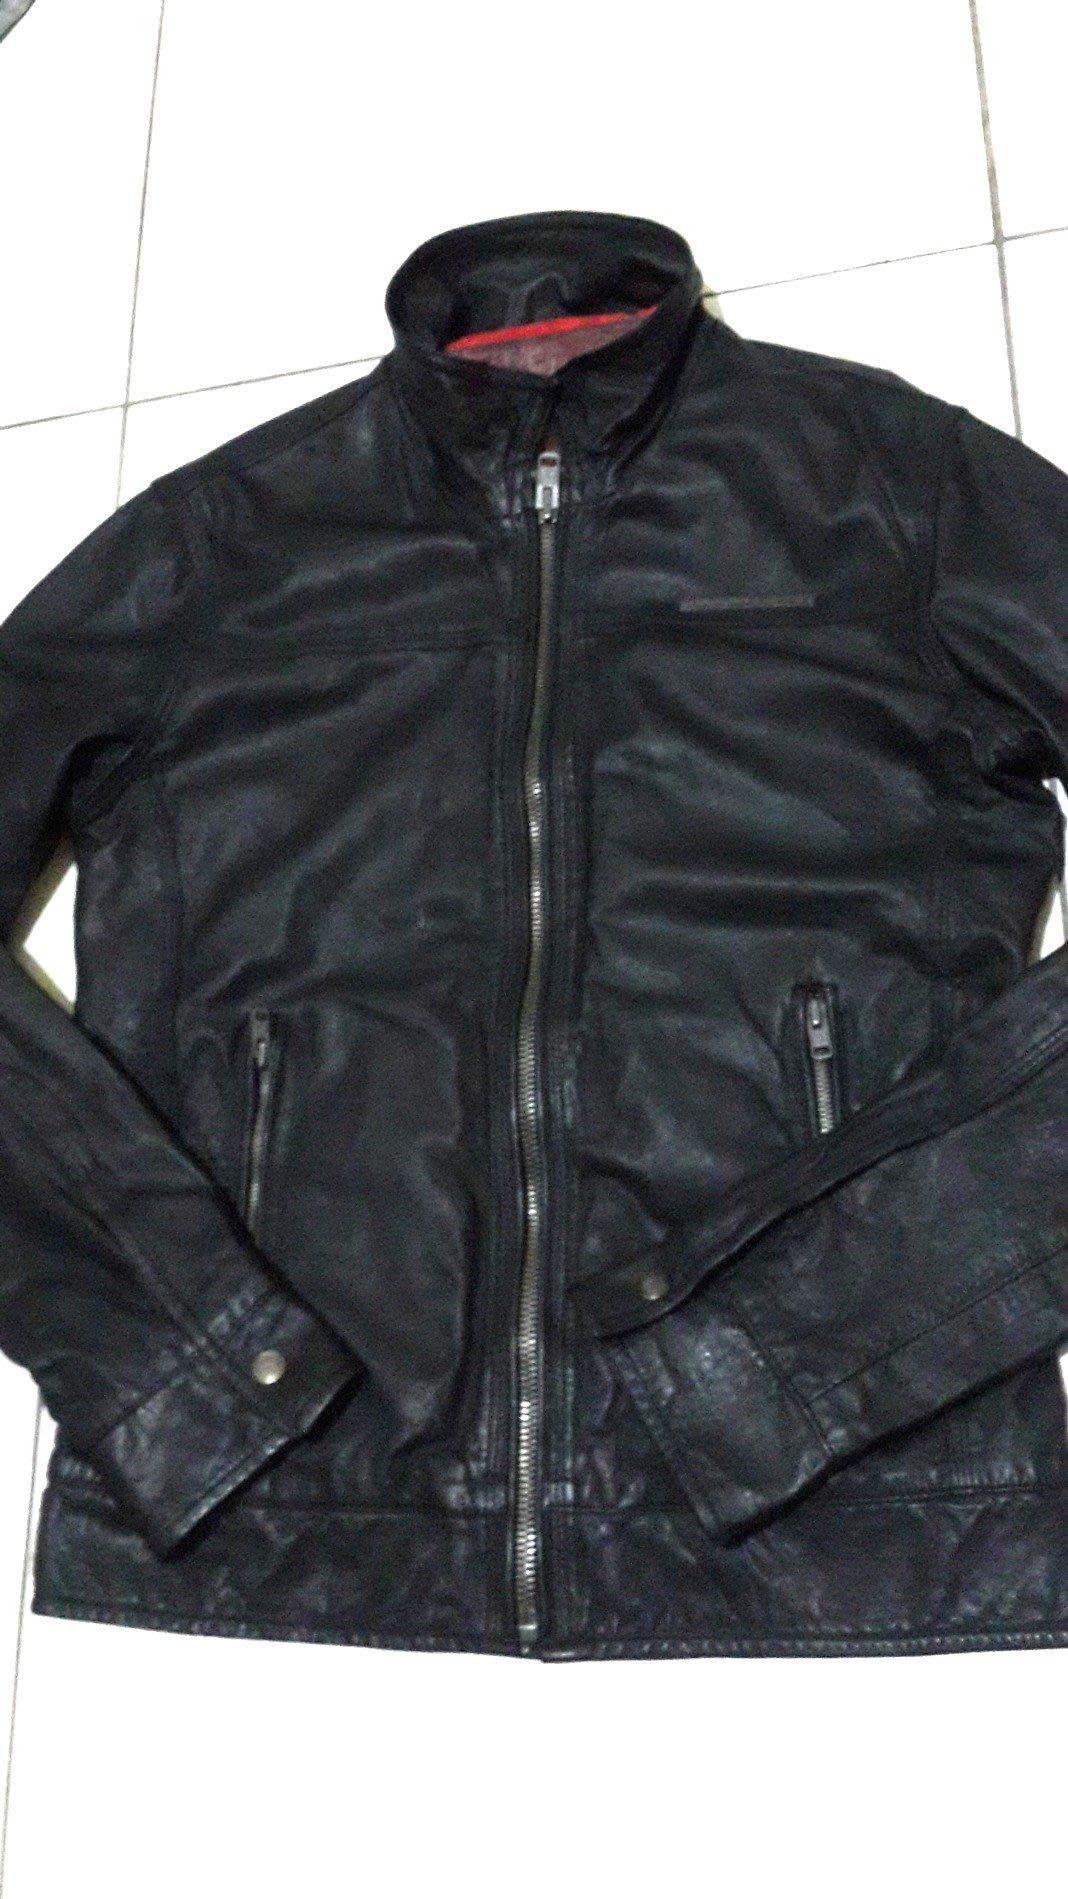 極度乾燥 Superdry. Speedway Leather Jacket 經典高價款立領皮衣.絕版深咖啡.M號.真品